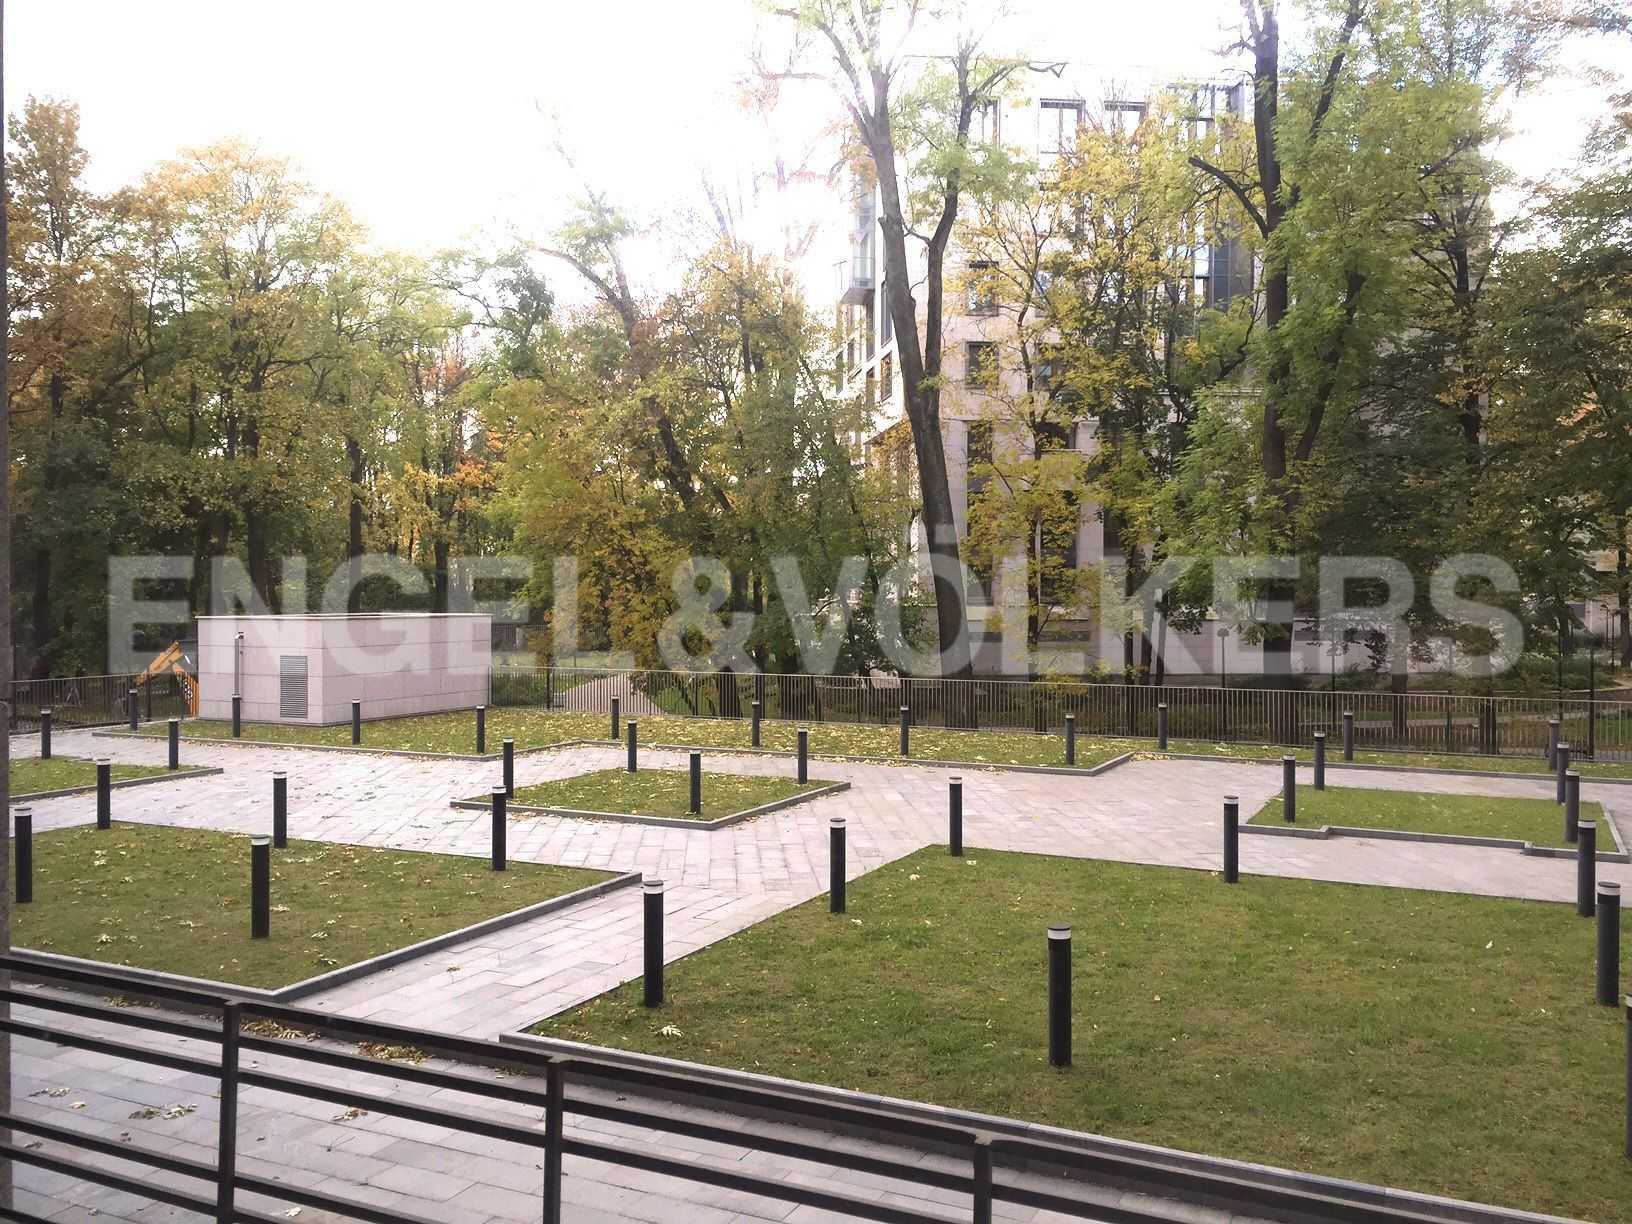 Элитные квартиры в Центральном районе. Санкт-Петербург, ул.Смольного, 4. Вид из окна